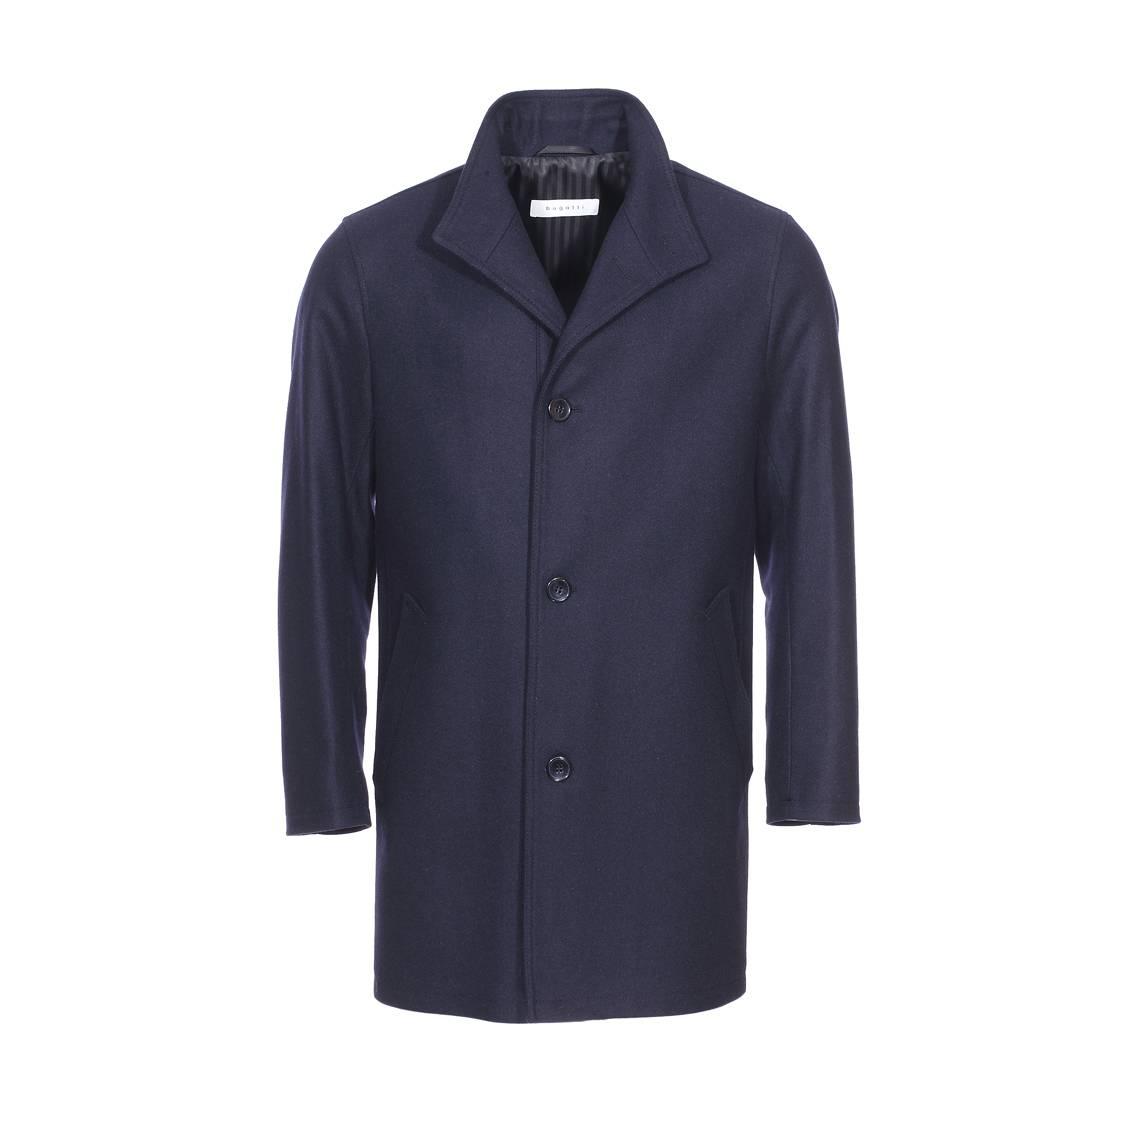 Bugatti - manteau, caban, duffle coat